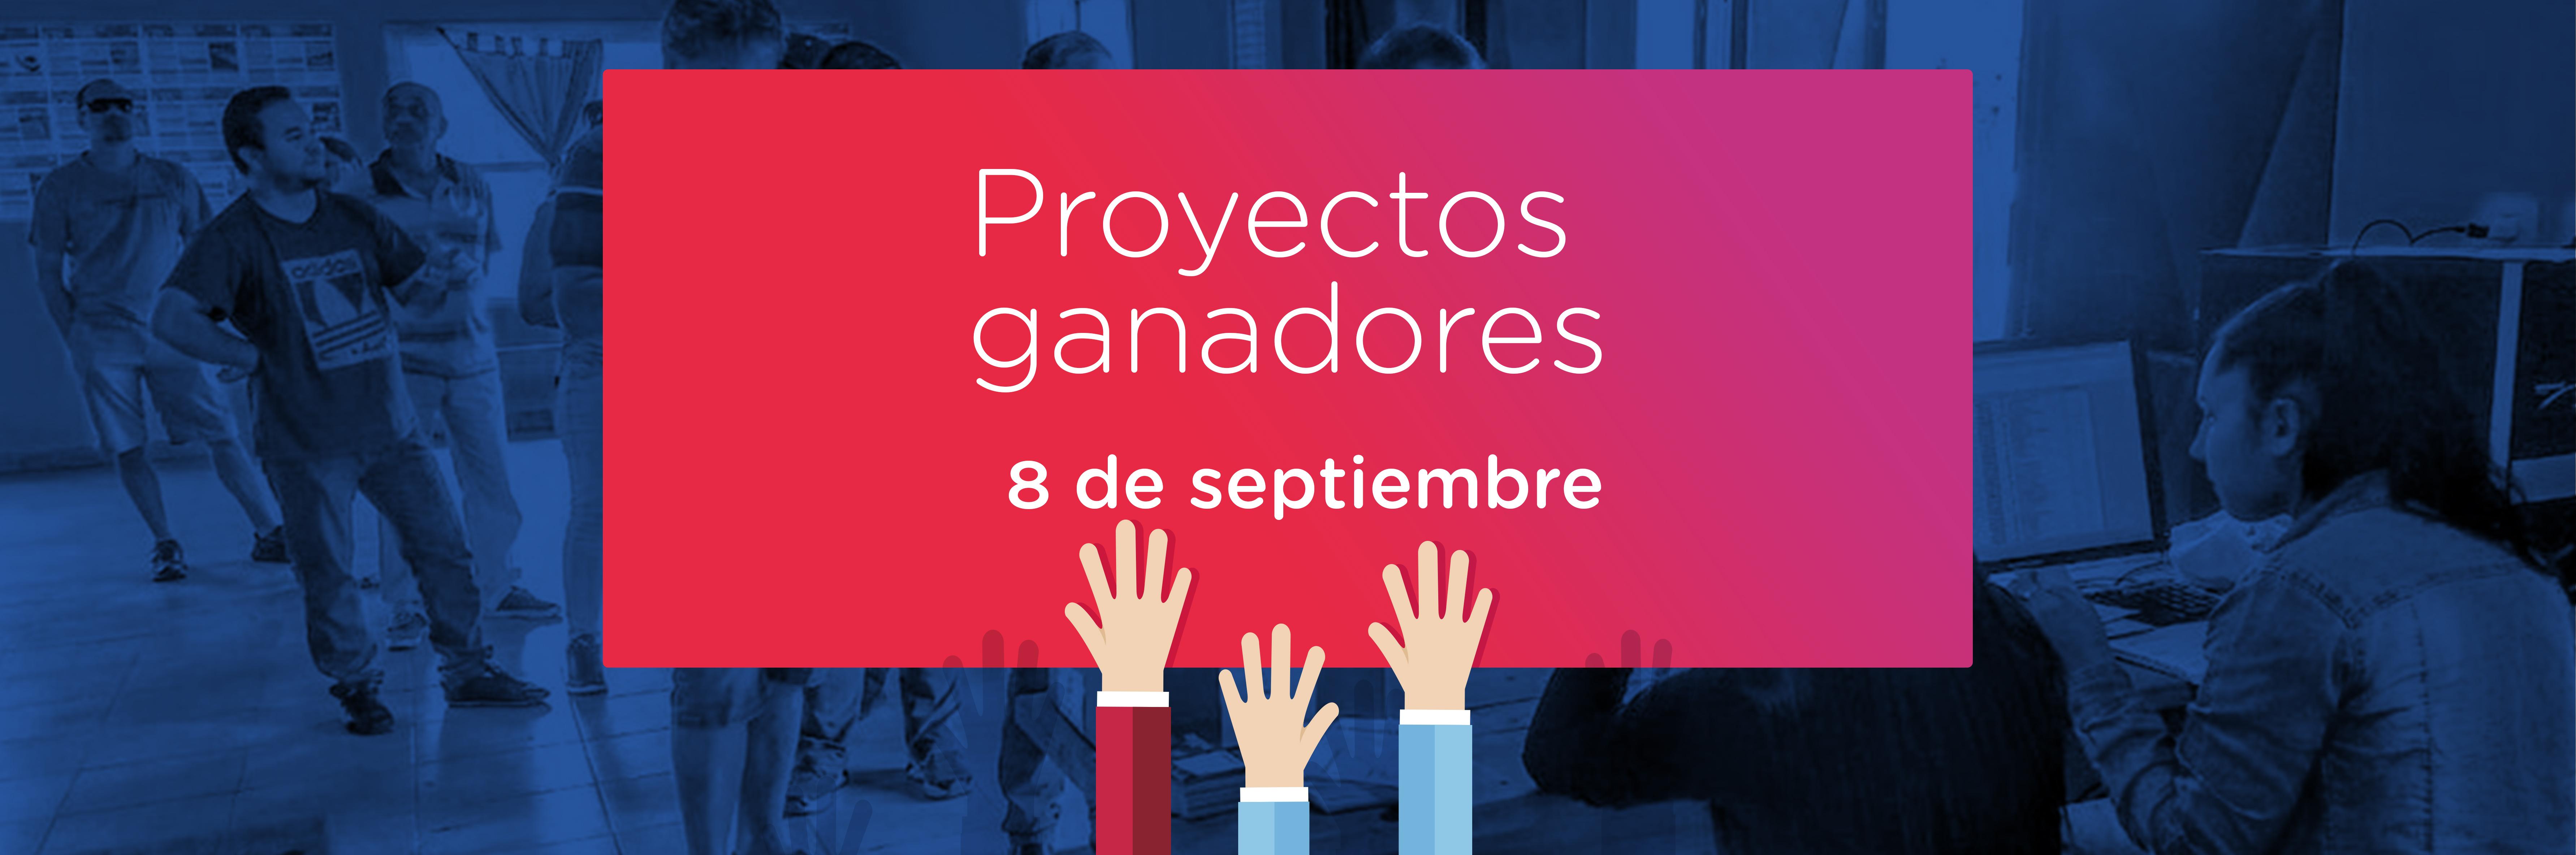 Proyectos ganadores 10 de septiembre 003